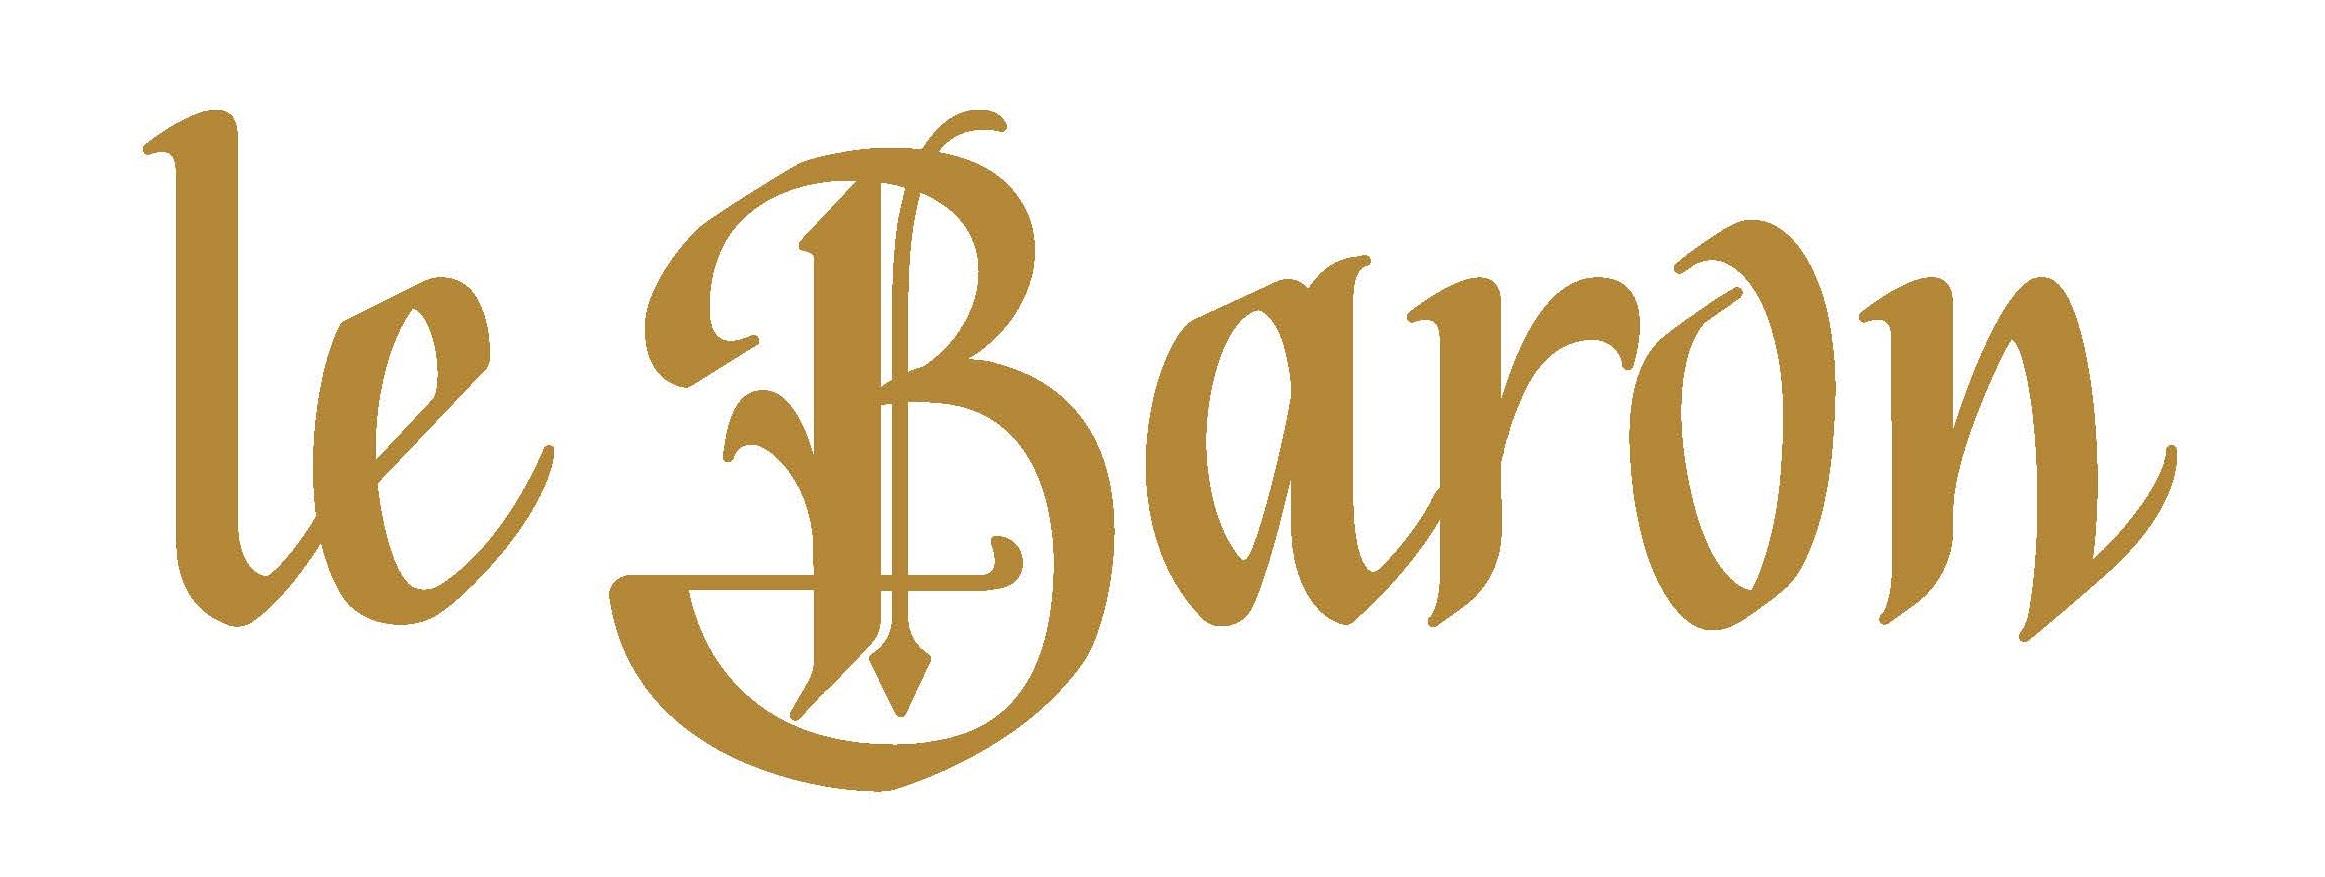 Le Baron titre